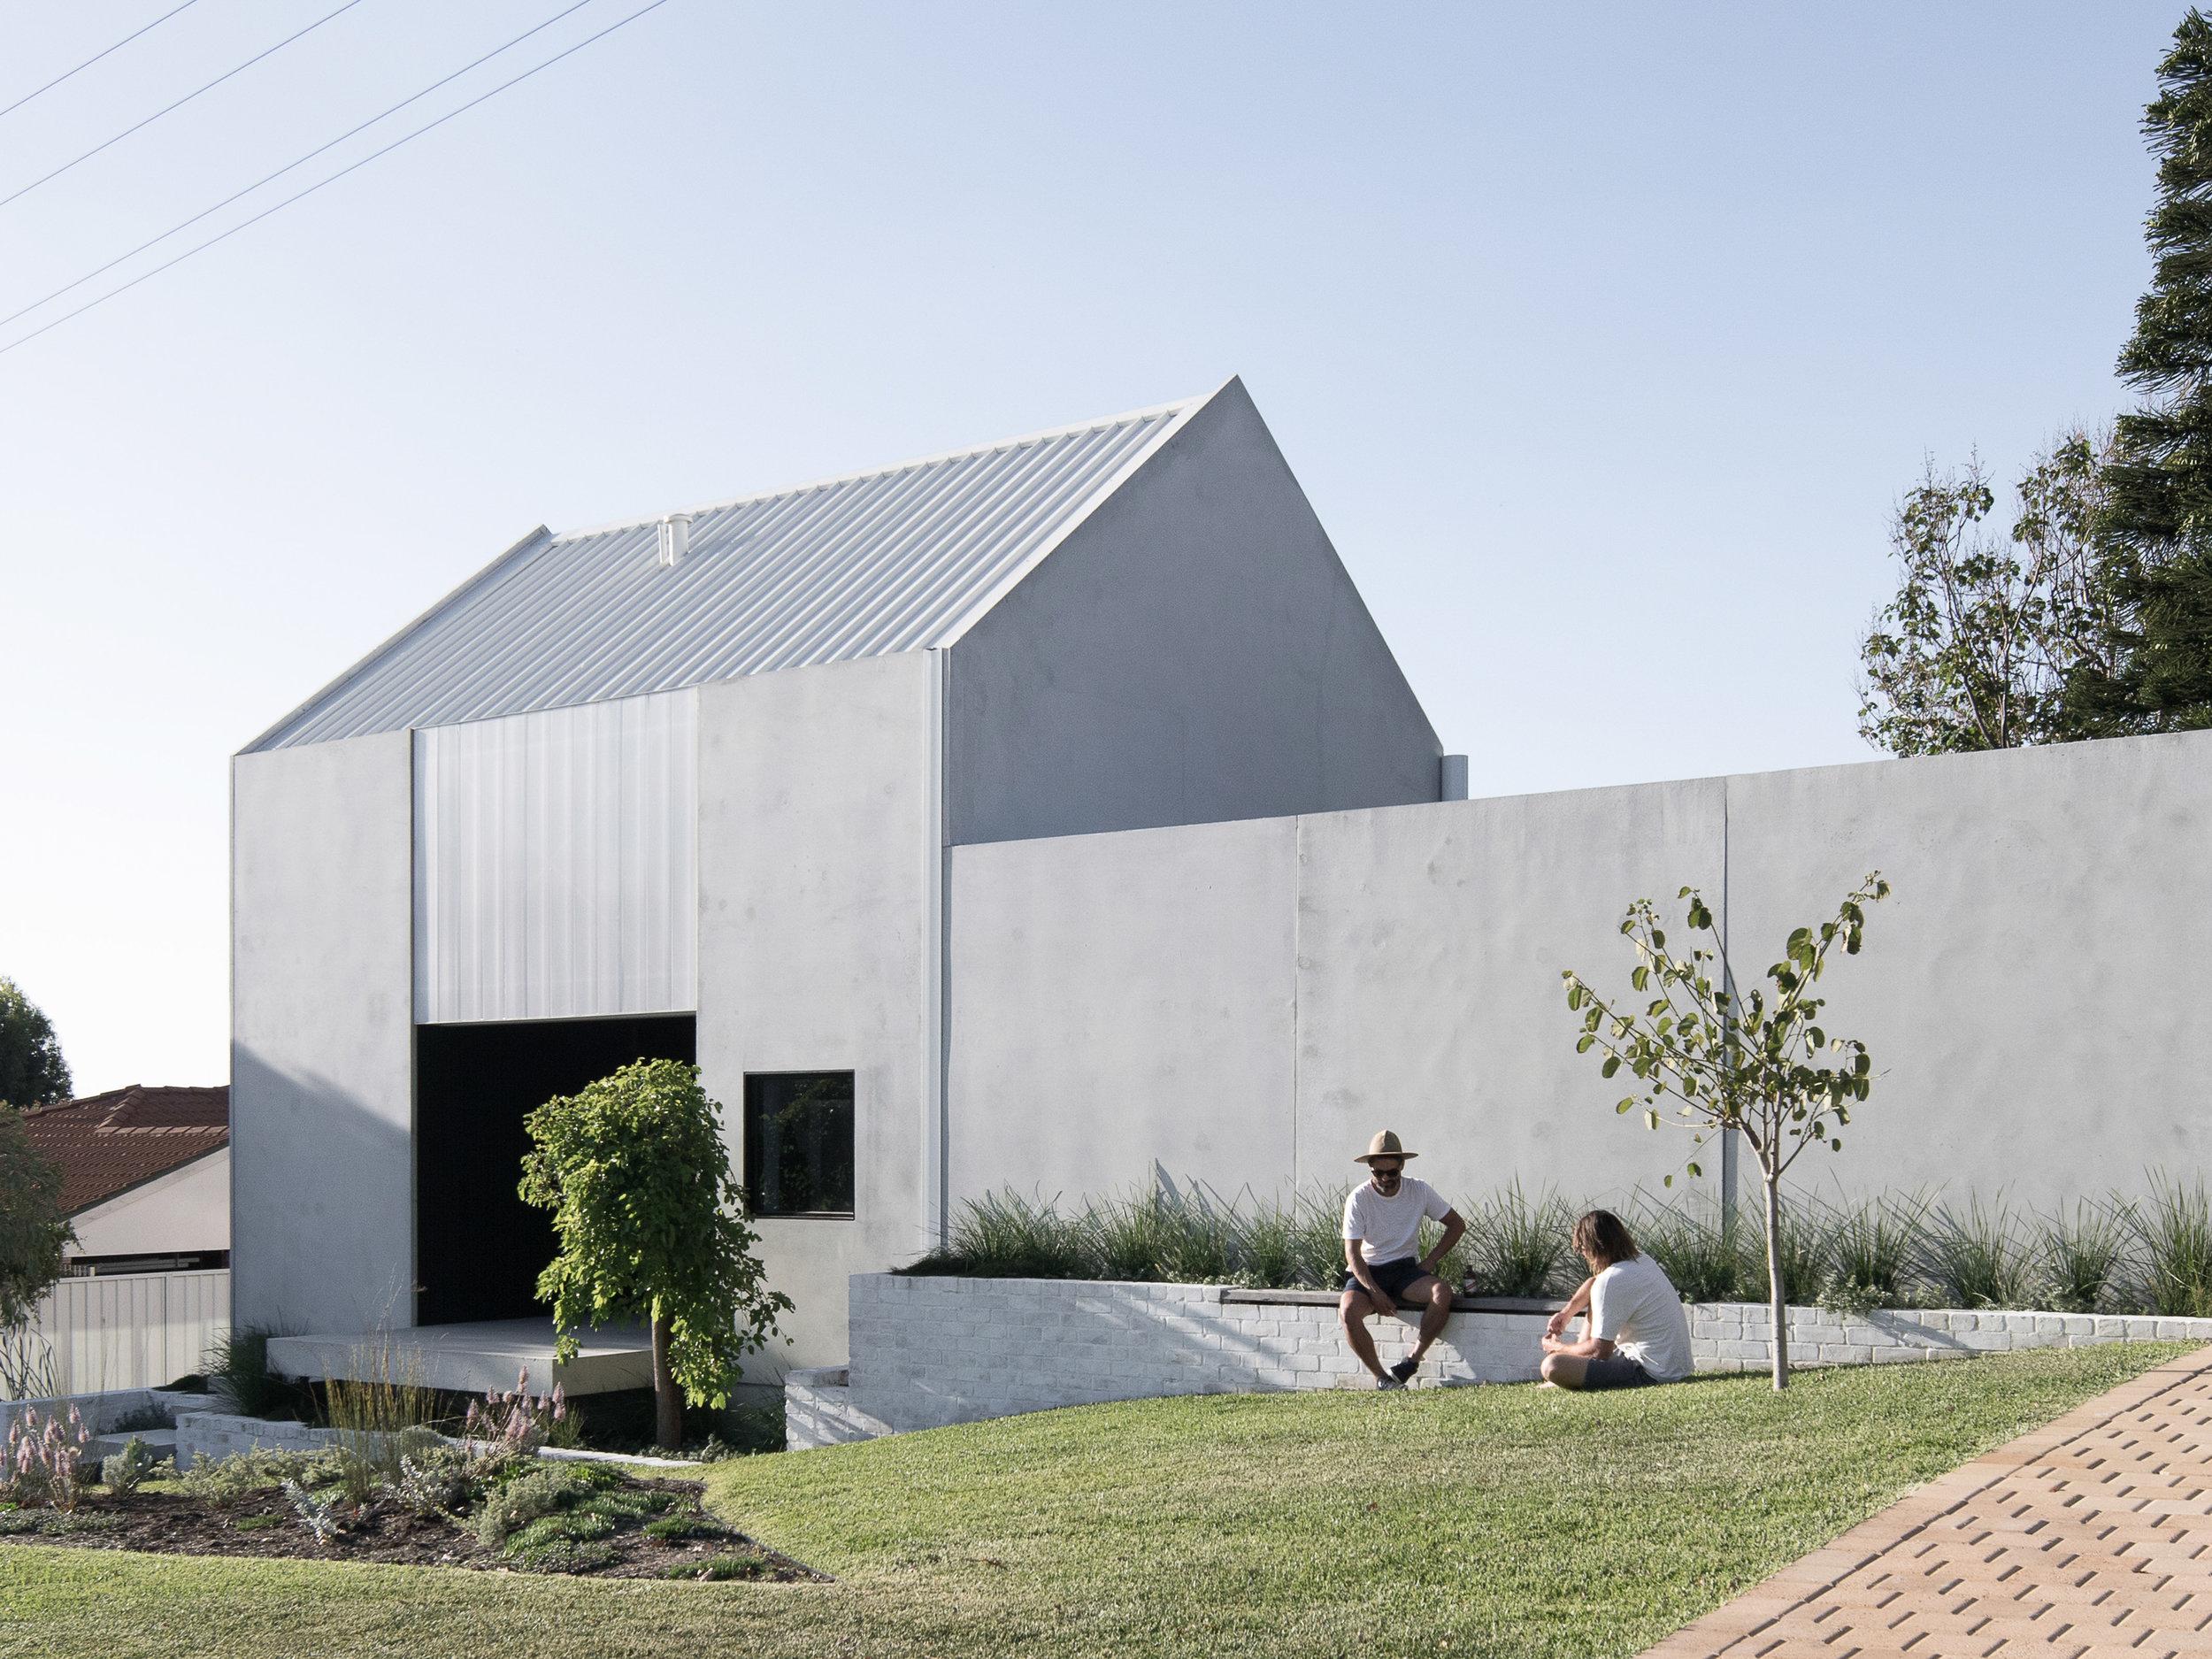 2304_House+A_Whispering+Smith_Ben+Hosking-0.jpg